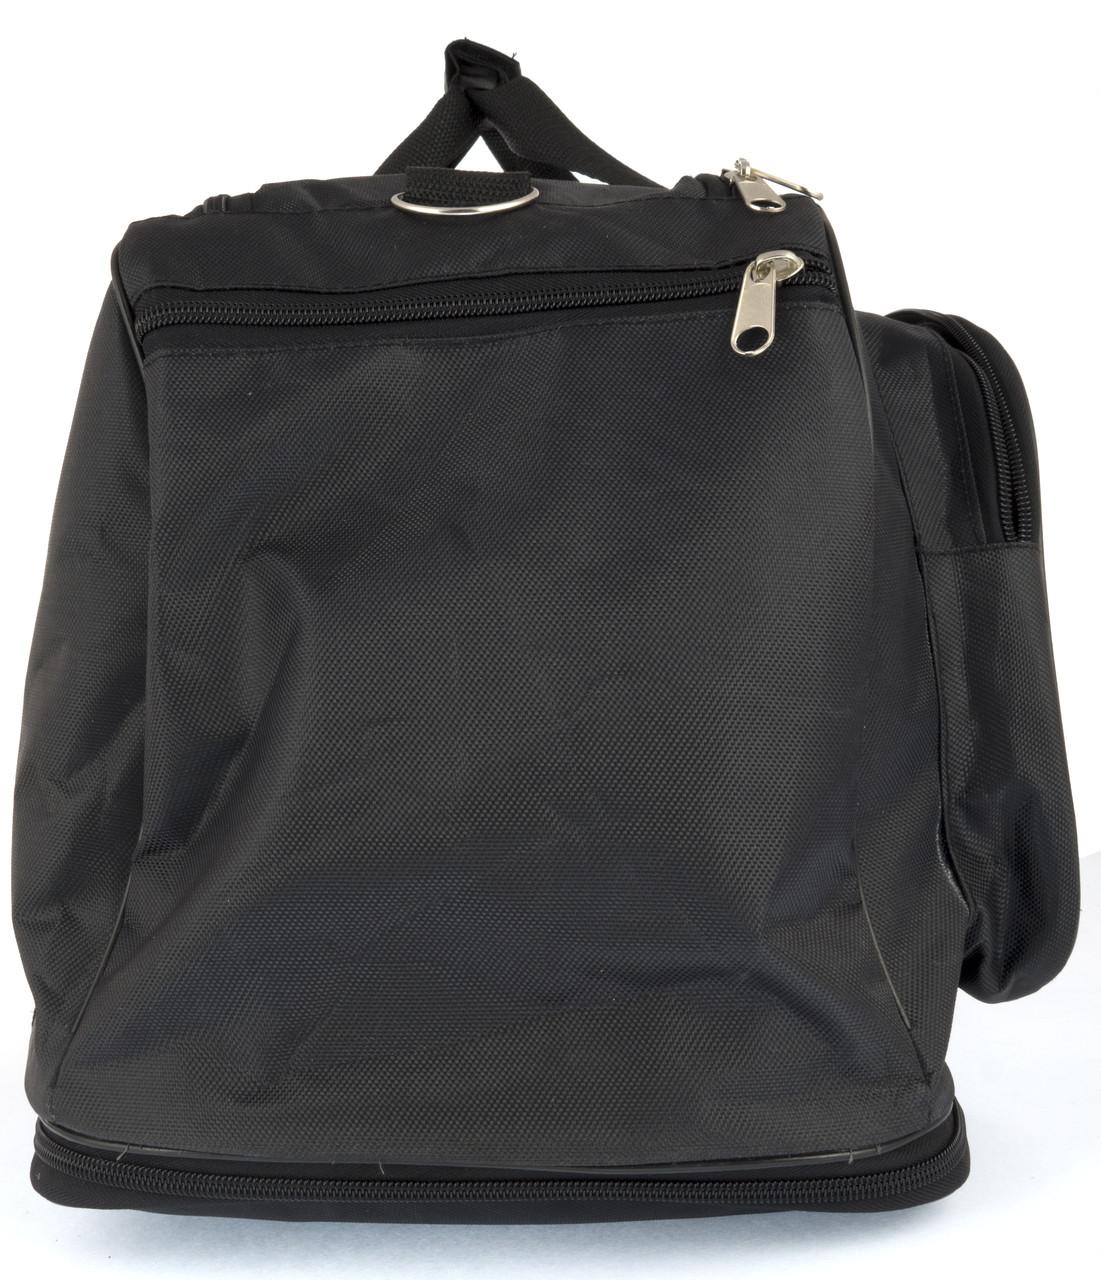 70e14fe28684 57-3 Украина, Стильная прочная спортивная вместительная спортивная сумка с двойным  дном art.